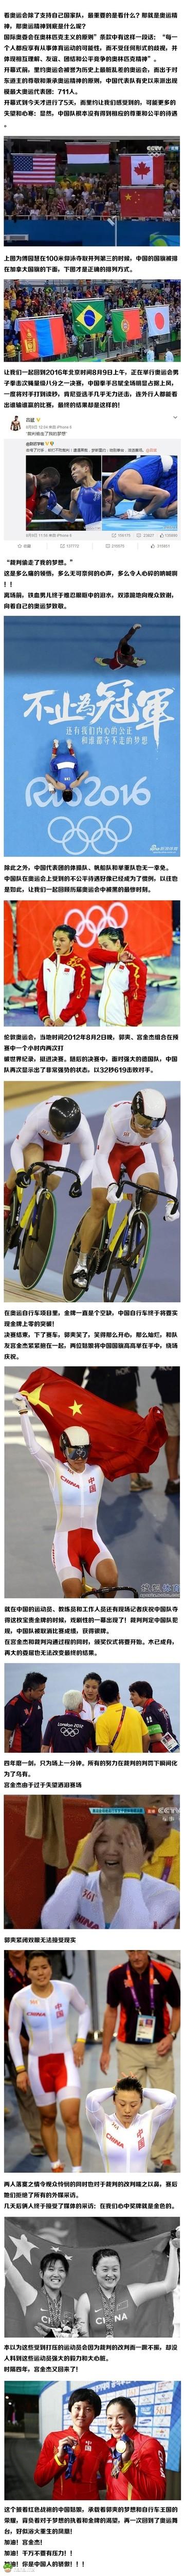 一直以为吕斌是被黑的最惨的一次,原来在伦敦奥运会上还有这样的一幕!不过没关系,宫金杰又回来了!